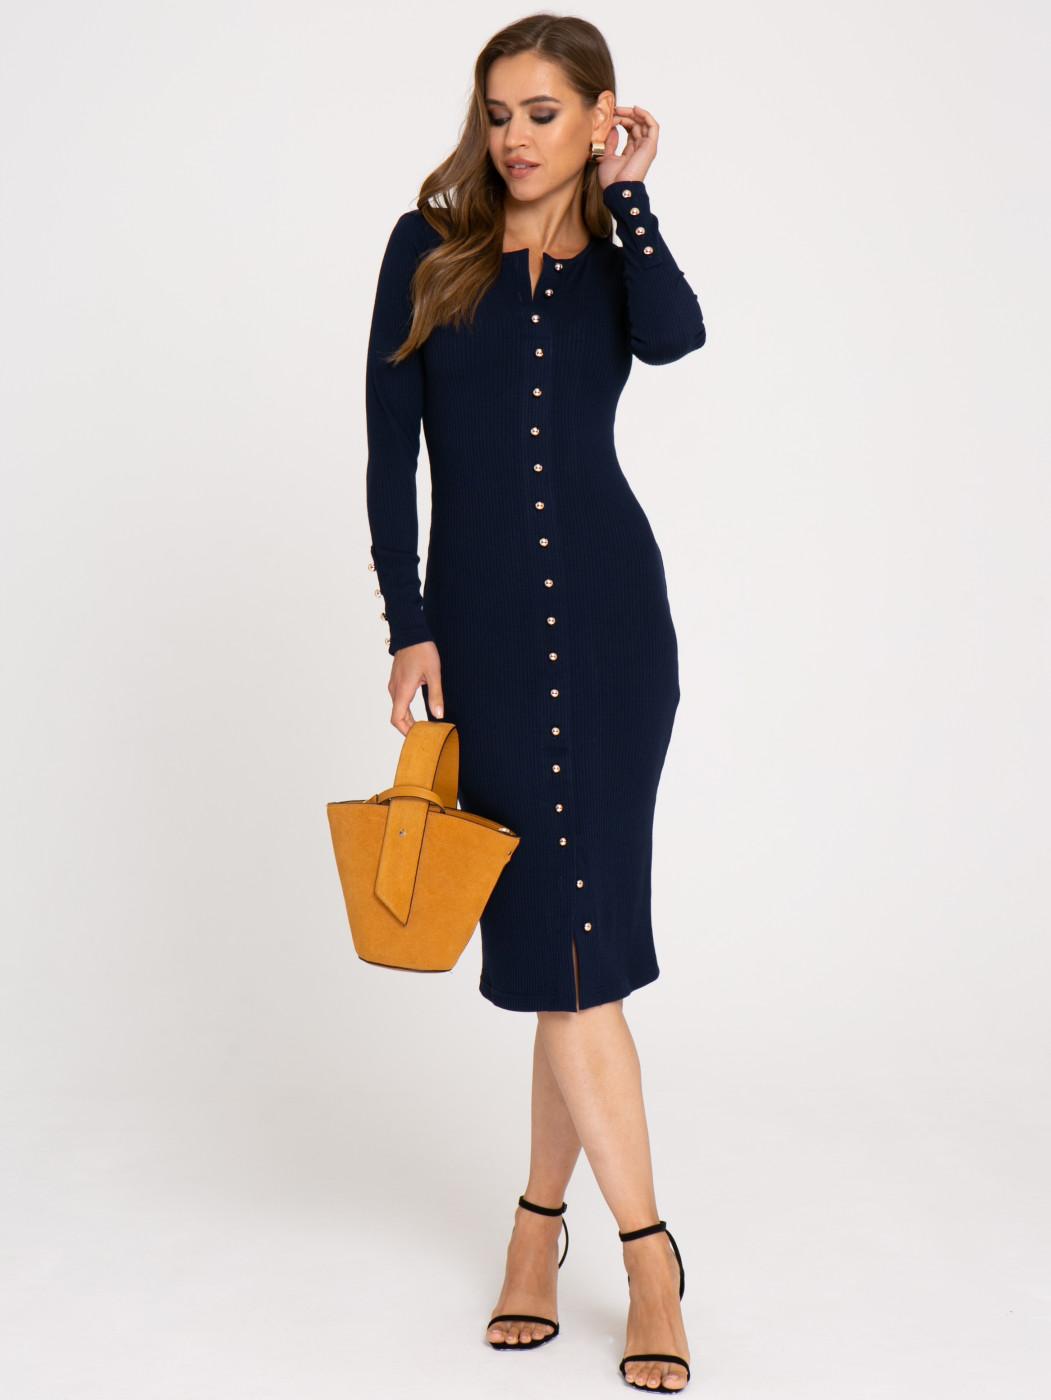 Платье А411 цвет: синий